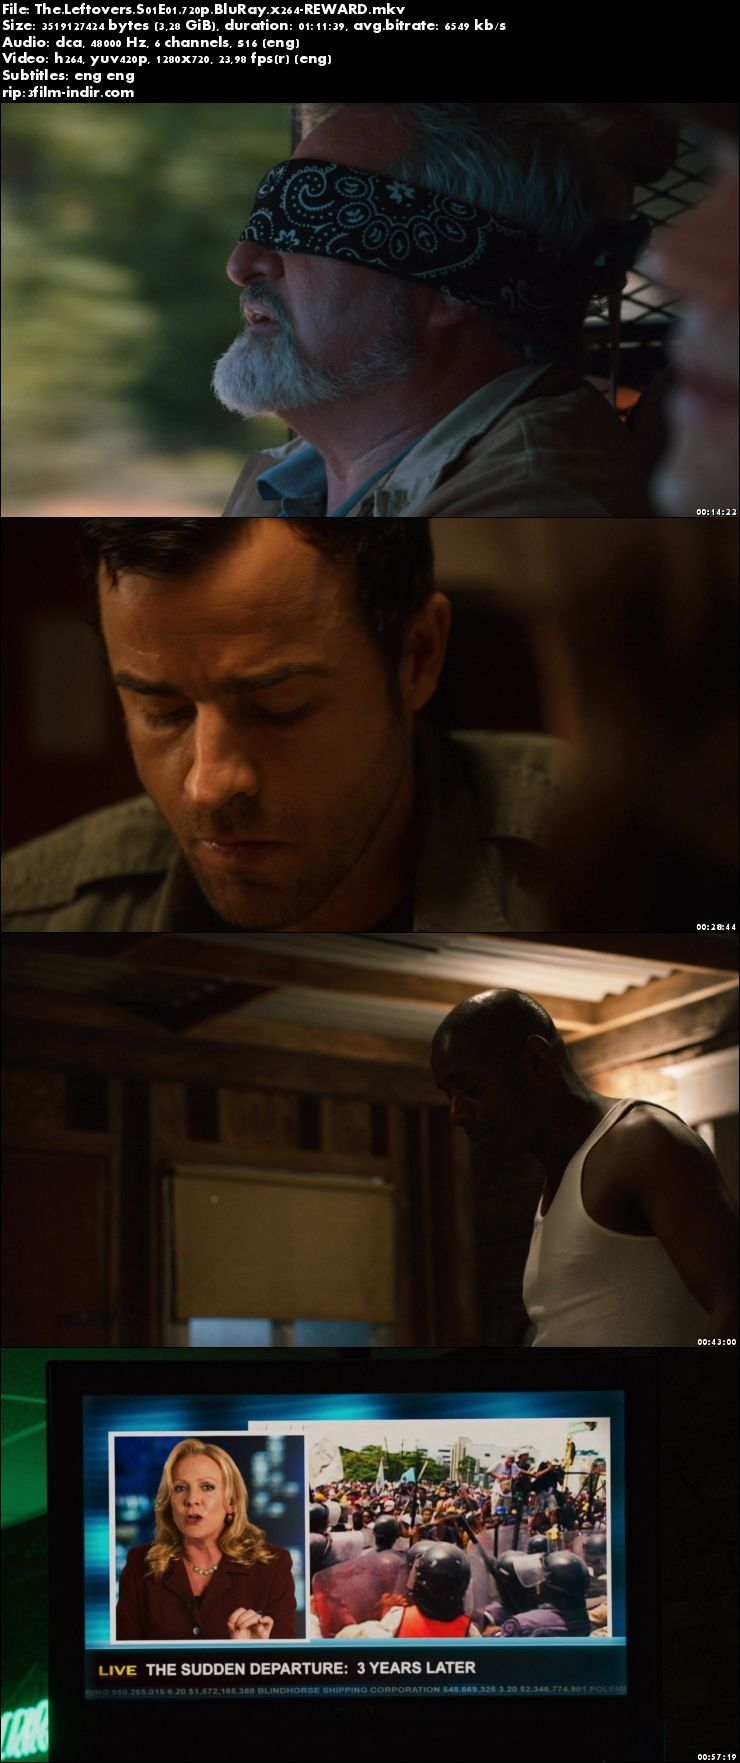 The Leftovers (2014–) Sezon 1 Tüm Bölümler 720p BluRay x264 TR Altyazılı indir